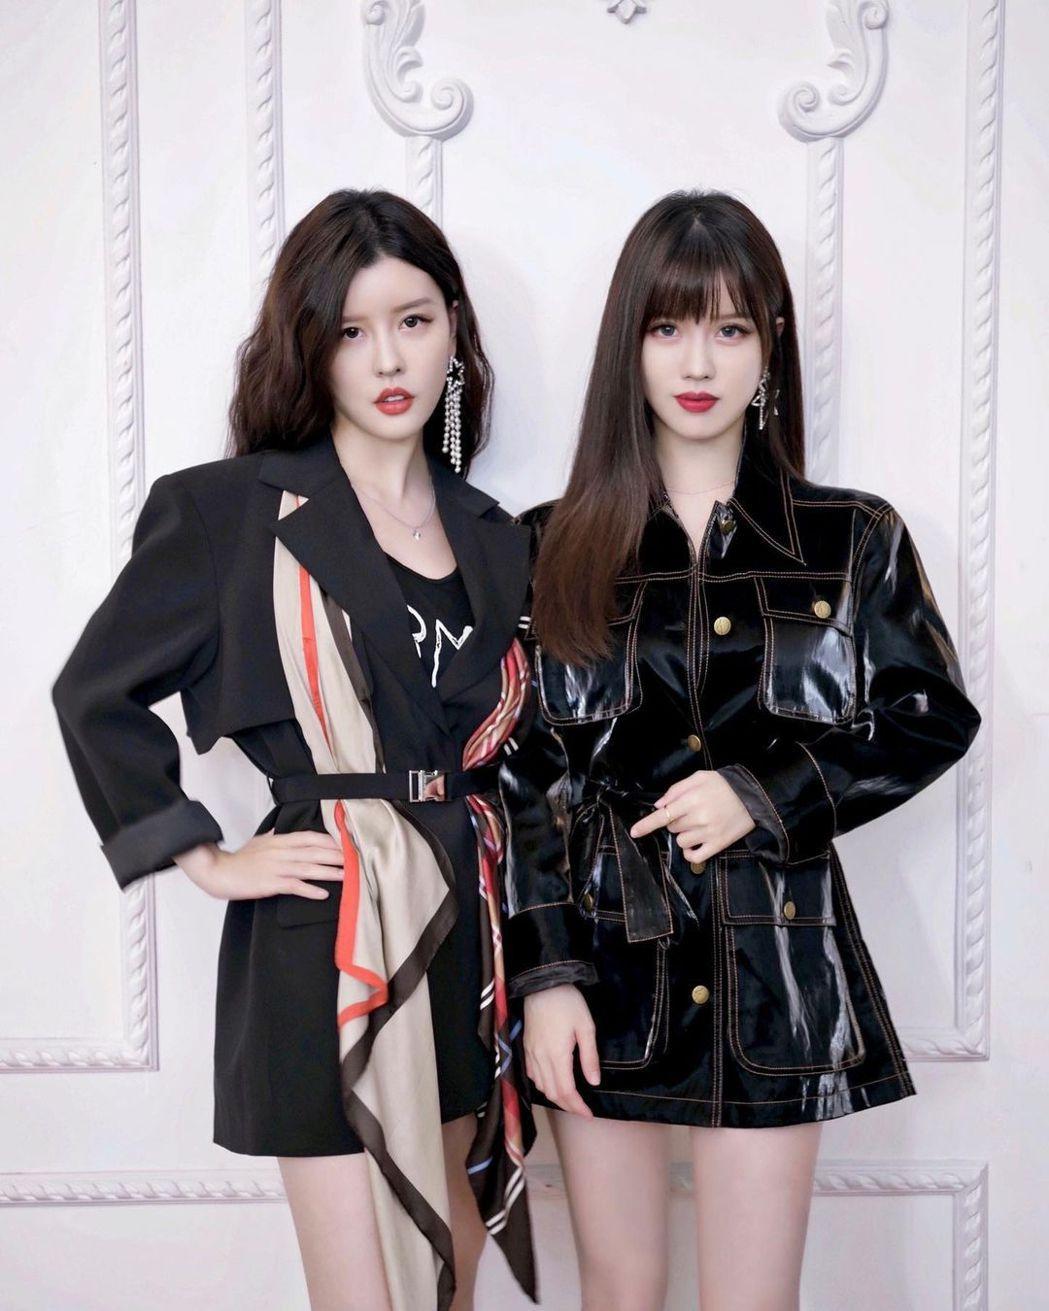 Yumi(右)新變化,姊妹倆變得很好區分。圖/擷自Yumi IG